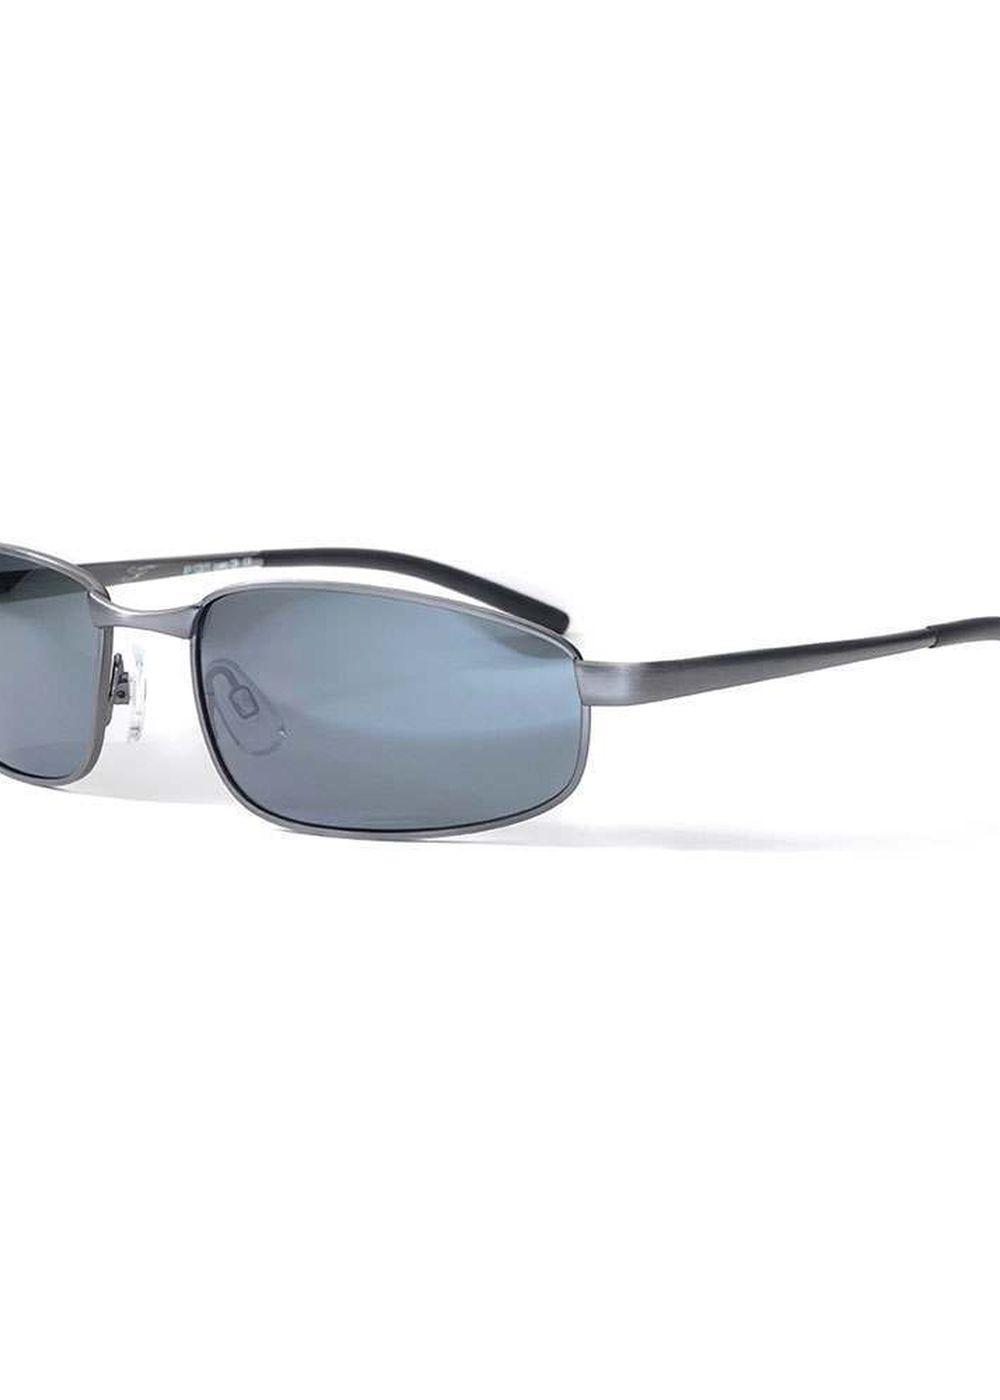 bloc-square-sunglasses-gunpolarised-grey